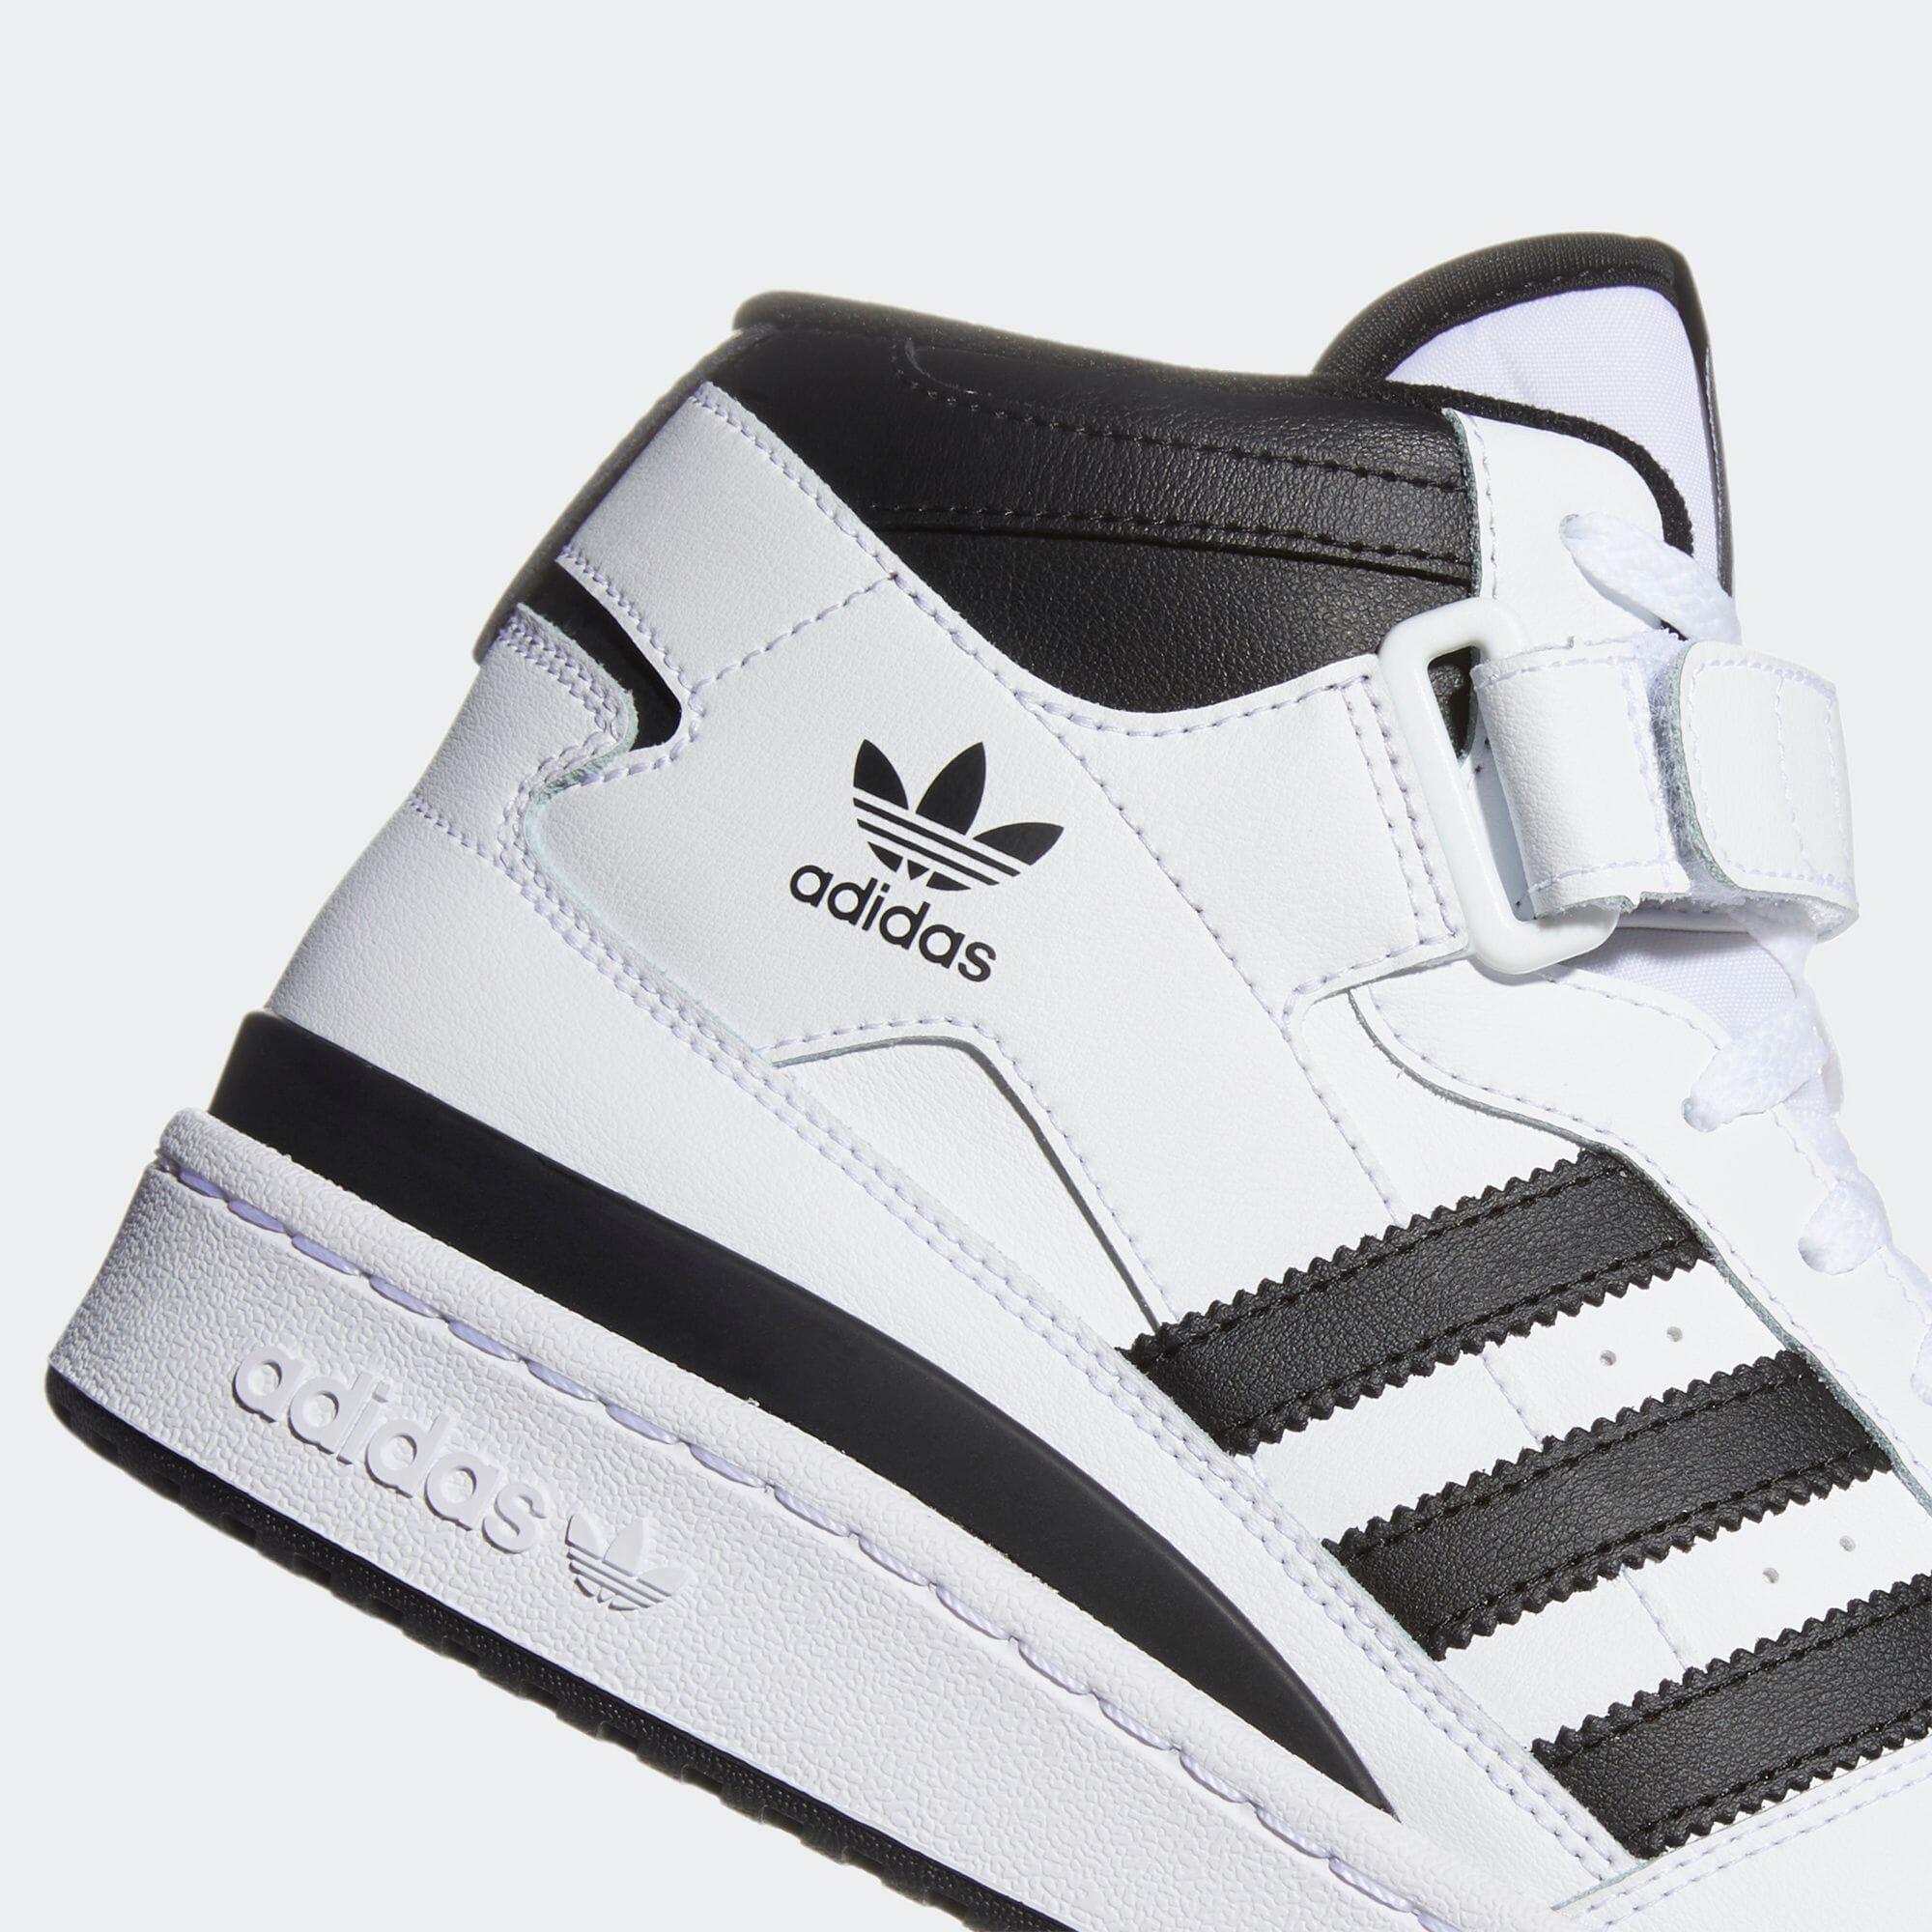 """adidas Originals FORUM HIGH """"White/Black"""" (アディダス オリジナルス フォーラム ハイ """"ホワイト/ブラック"""") [FY7939]"""